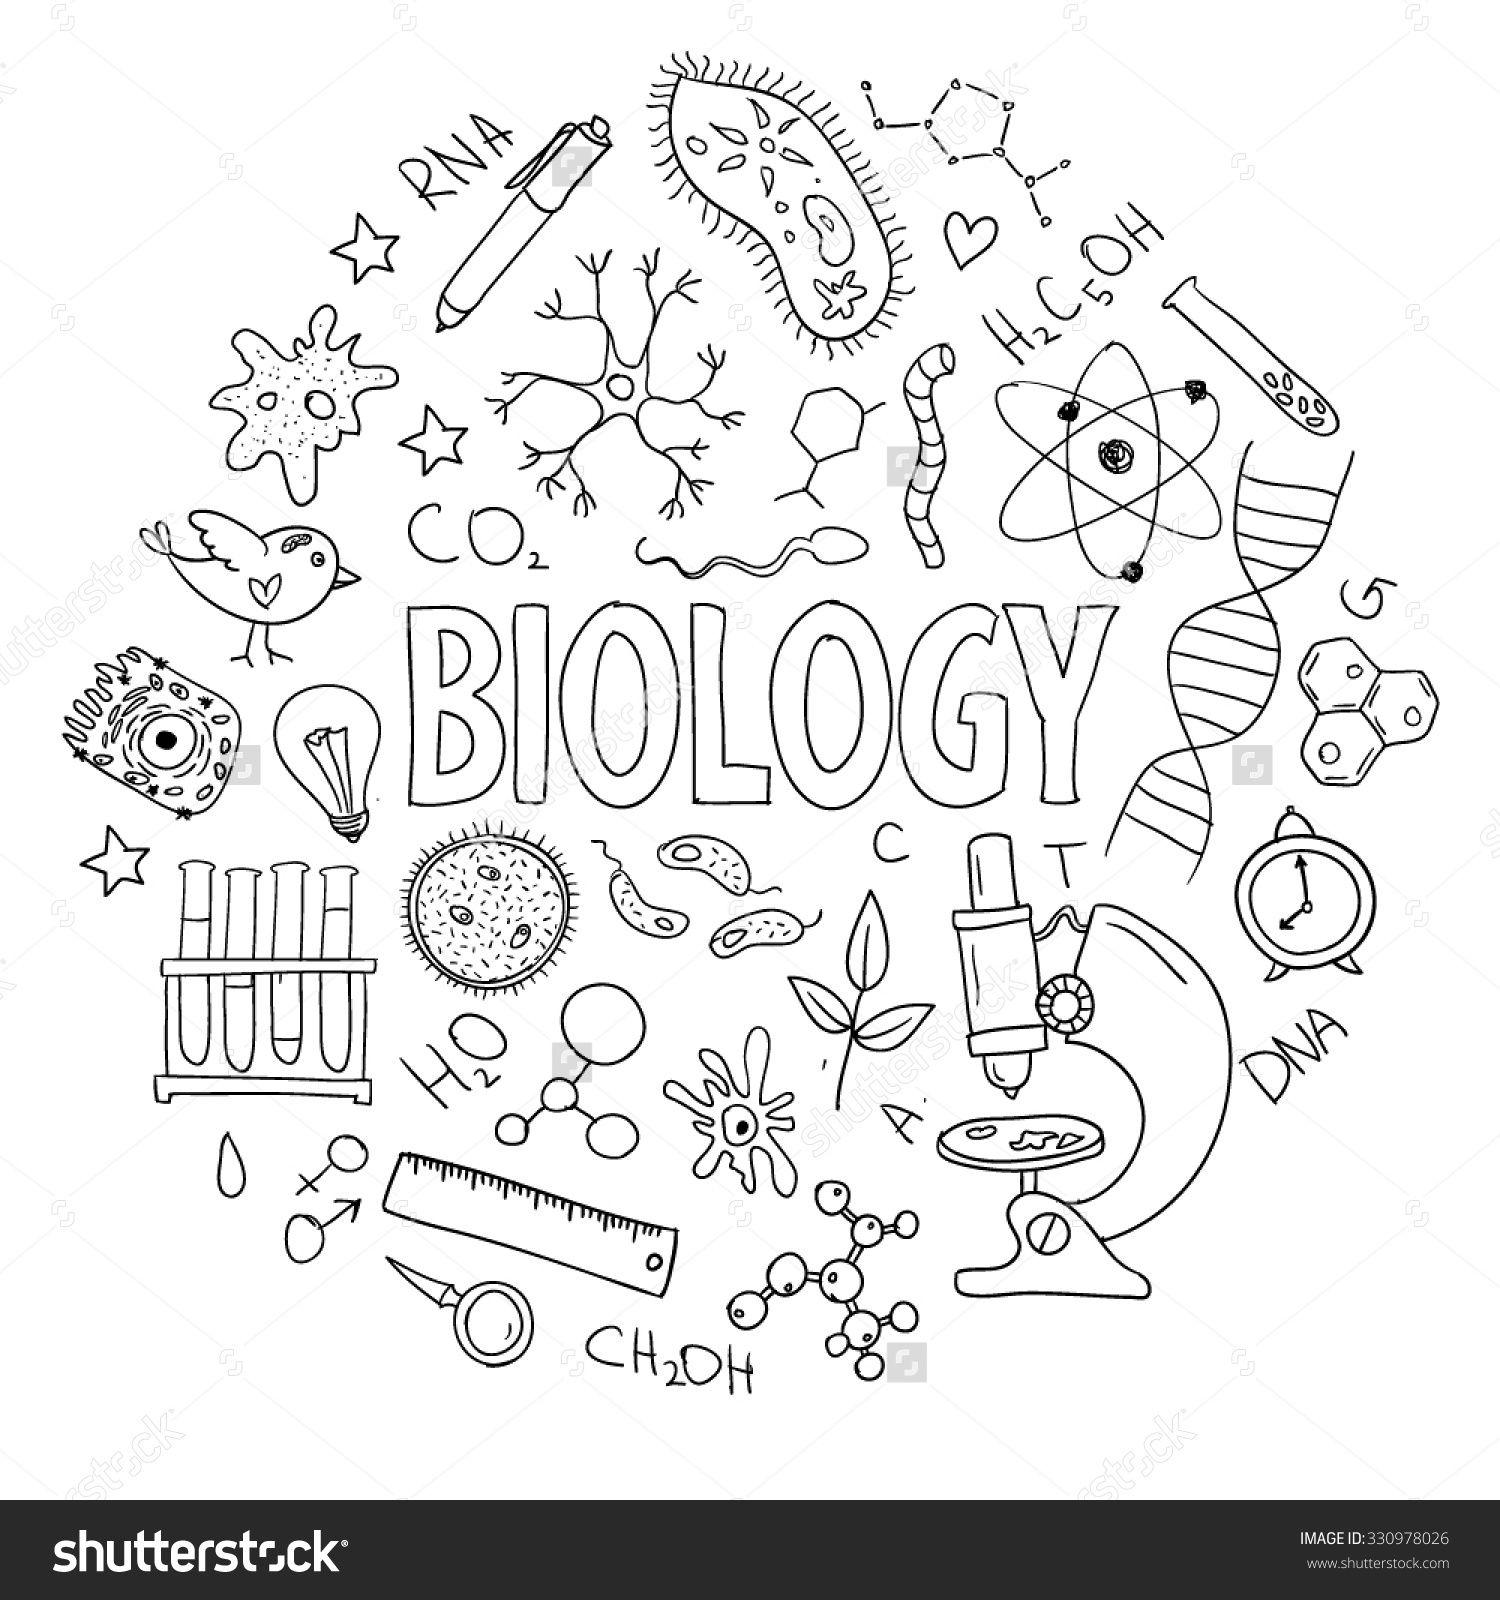 Más de 25 ideas increíbles sobre Caratulas de ciencias en